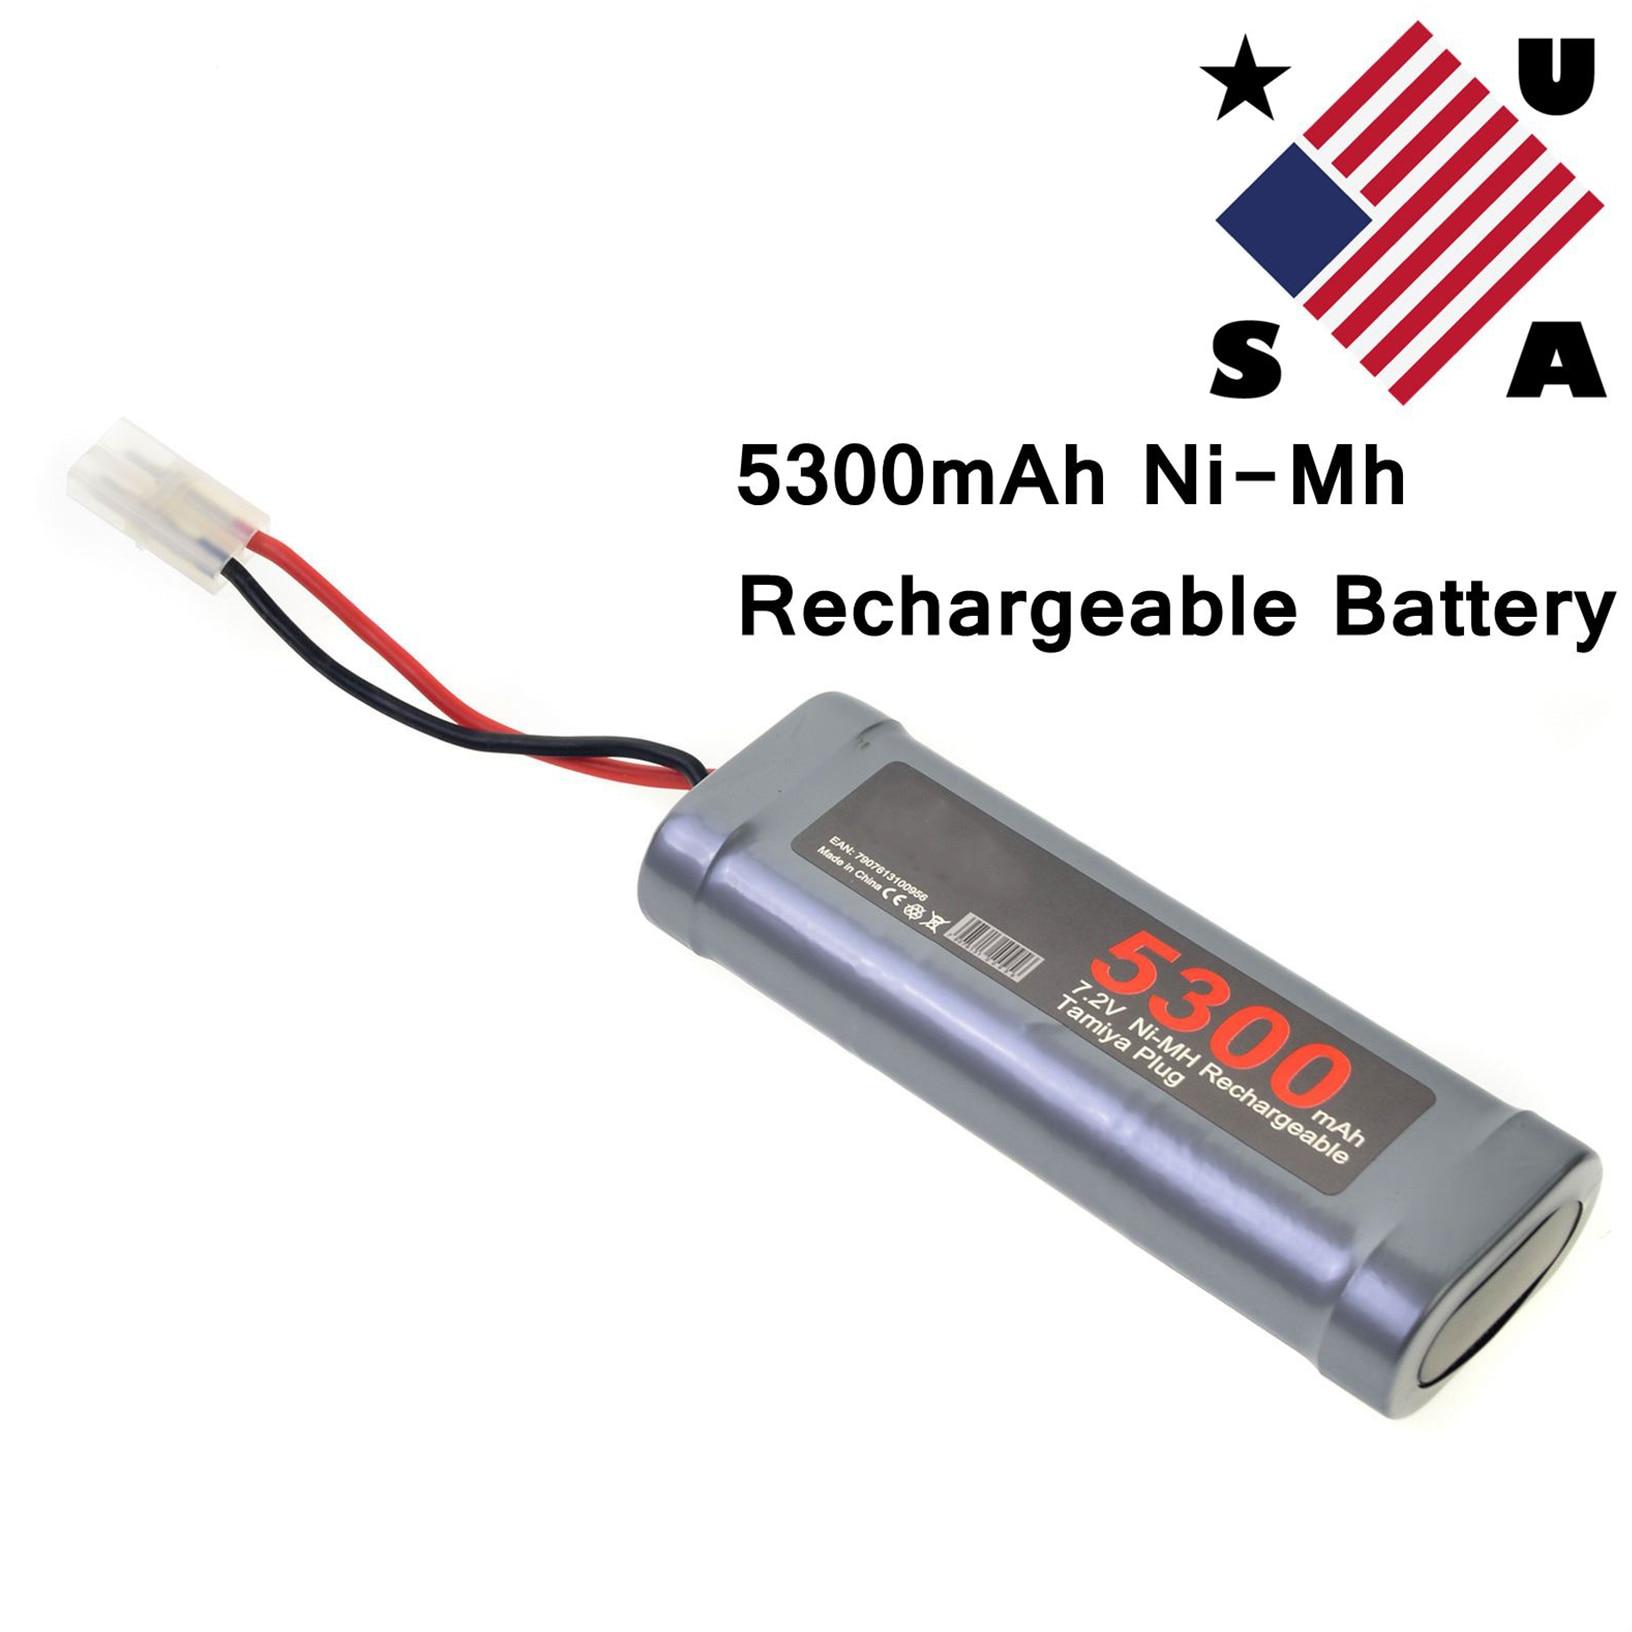 1pc NiMH 7.2V 3800mAh/4000mAh/4600mAh/5000mAh/5300mAh/6800mAh RC Plug Tamiya Rechargeable Battery